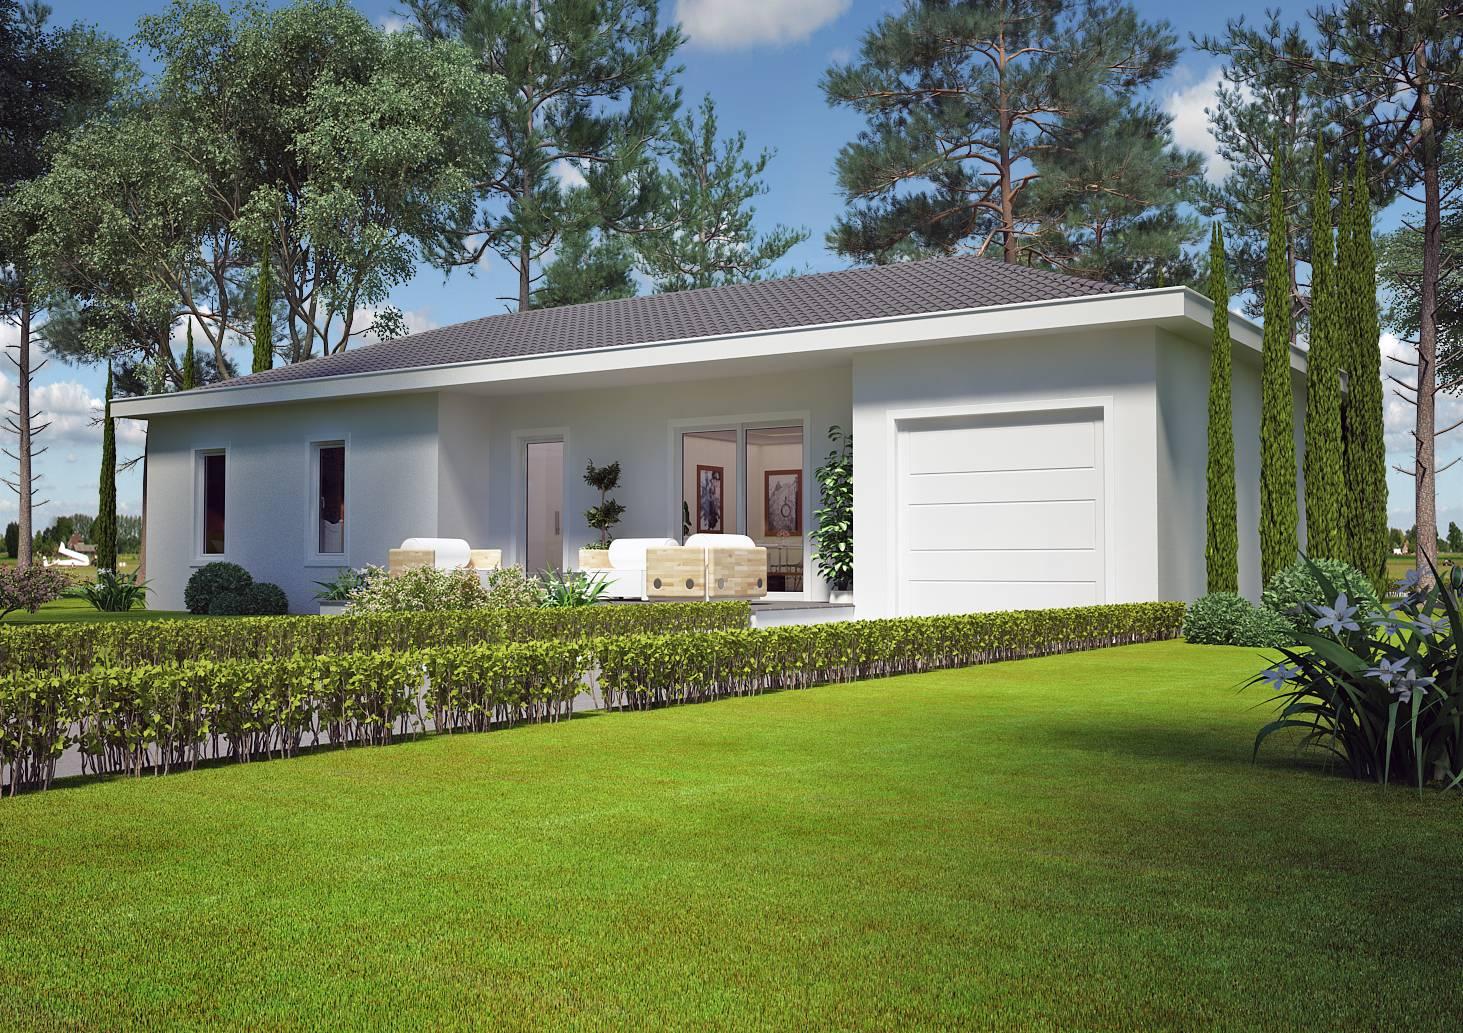 Villa Contemporaine 80 M2 Plain Pied Azur Logement Provencal